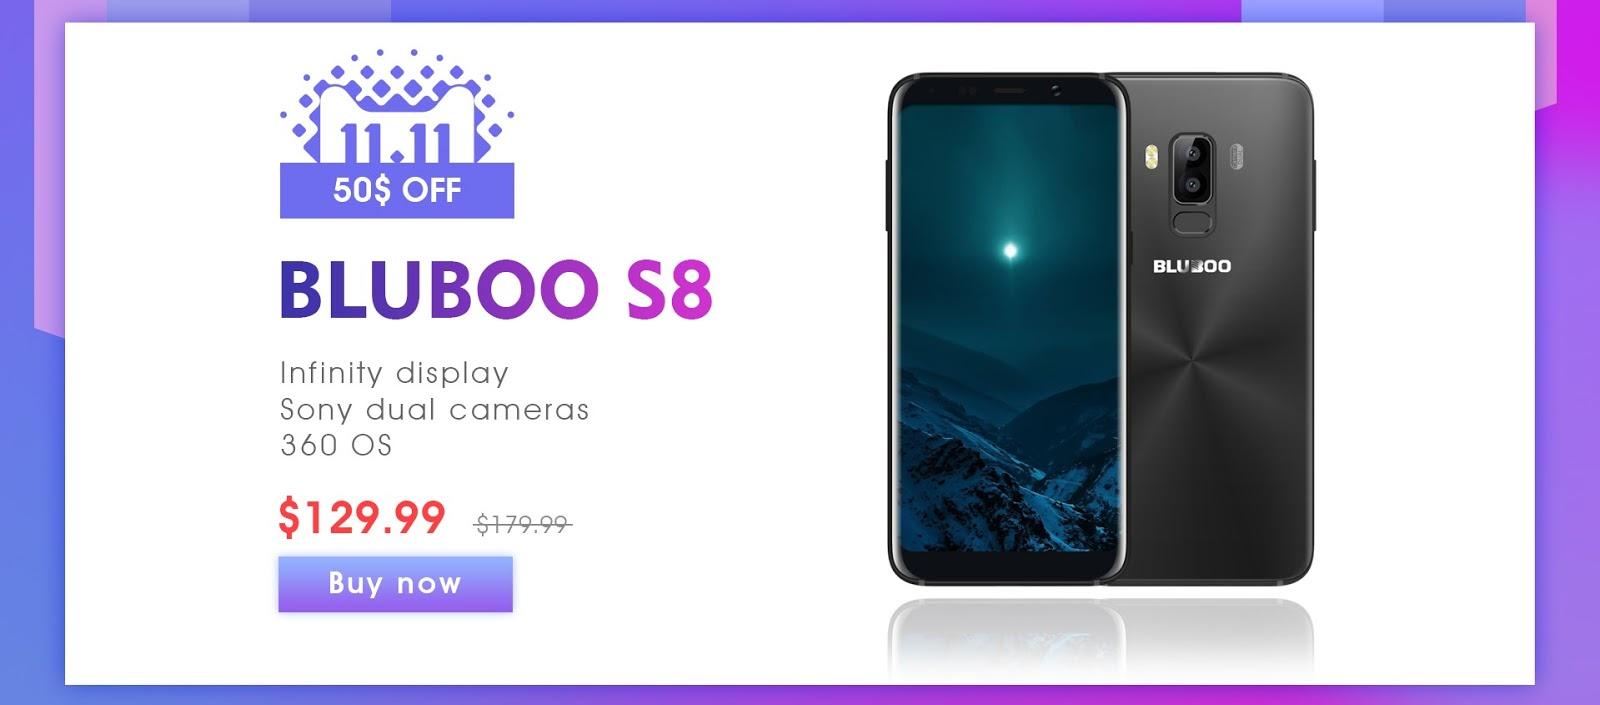 S8+s8.jpg